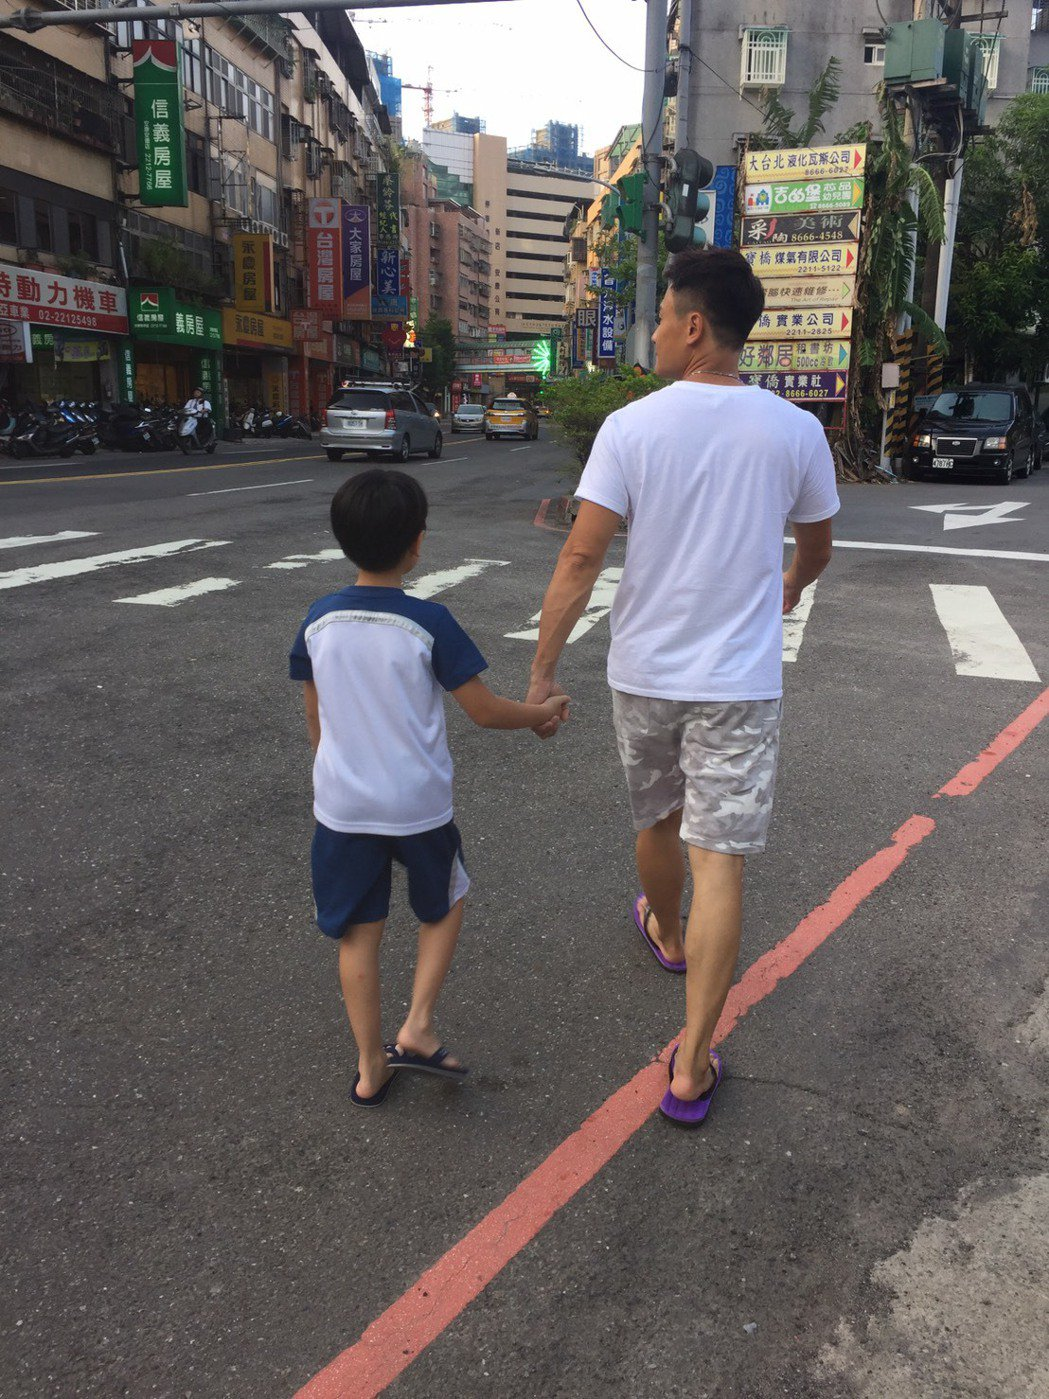 王建復帶兒子散步,身上迷彩褲原是去年想送爸爸的禮物。圖/民視提供